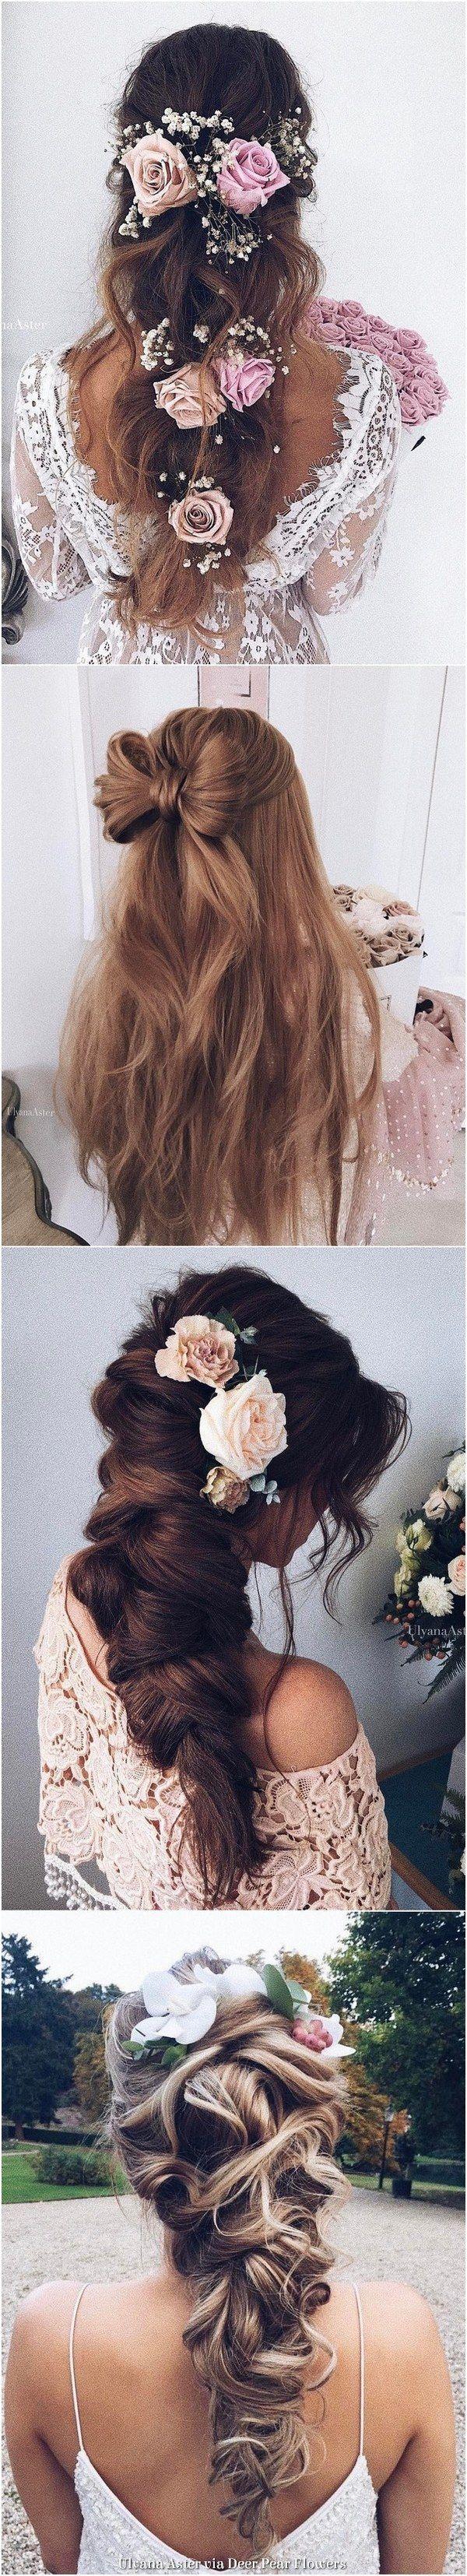 Hochzeit - Wedding Hairstyle Inspiration